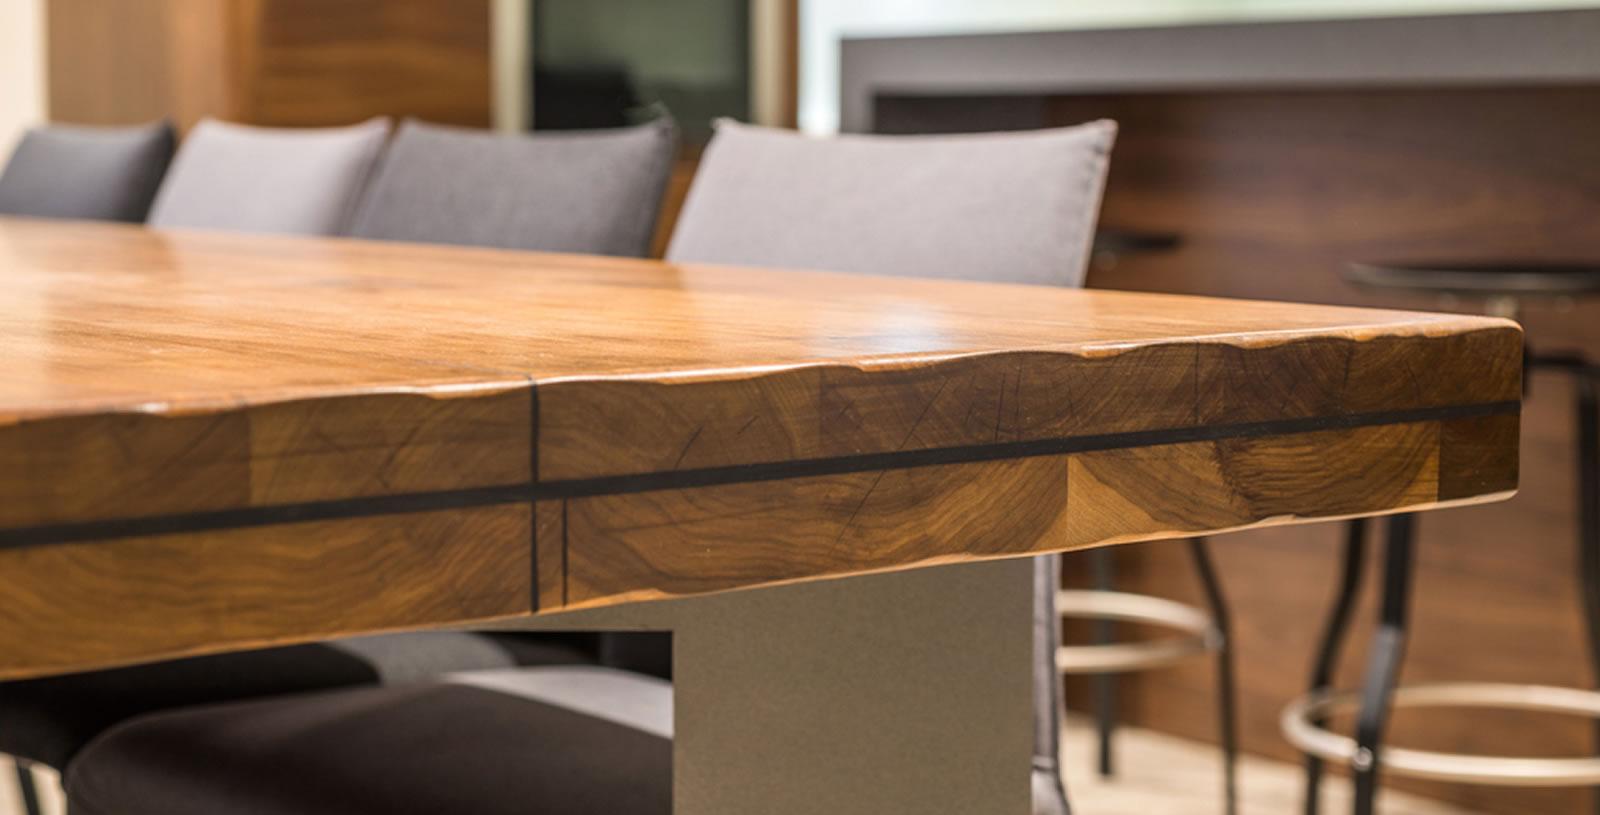 Restaurer Une Table En Bois Etapes Pour Peindre Et Teindre Une Table Soimme With Restaurer Une